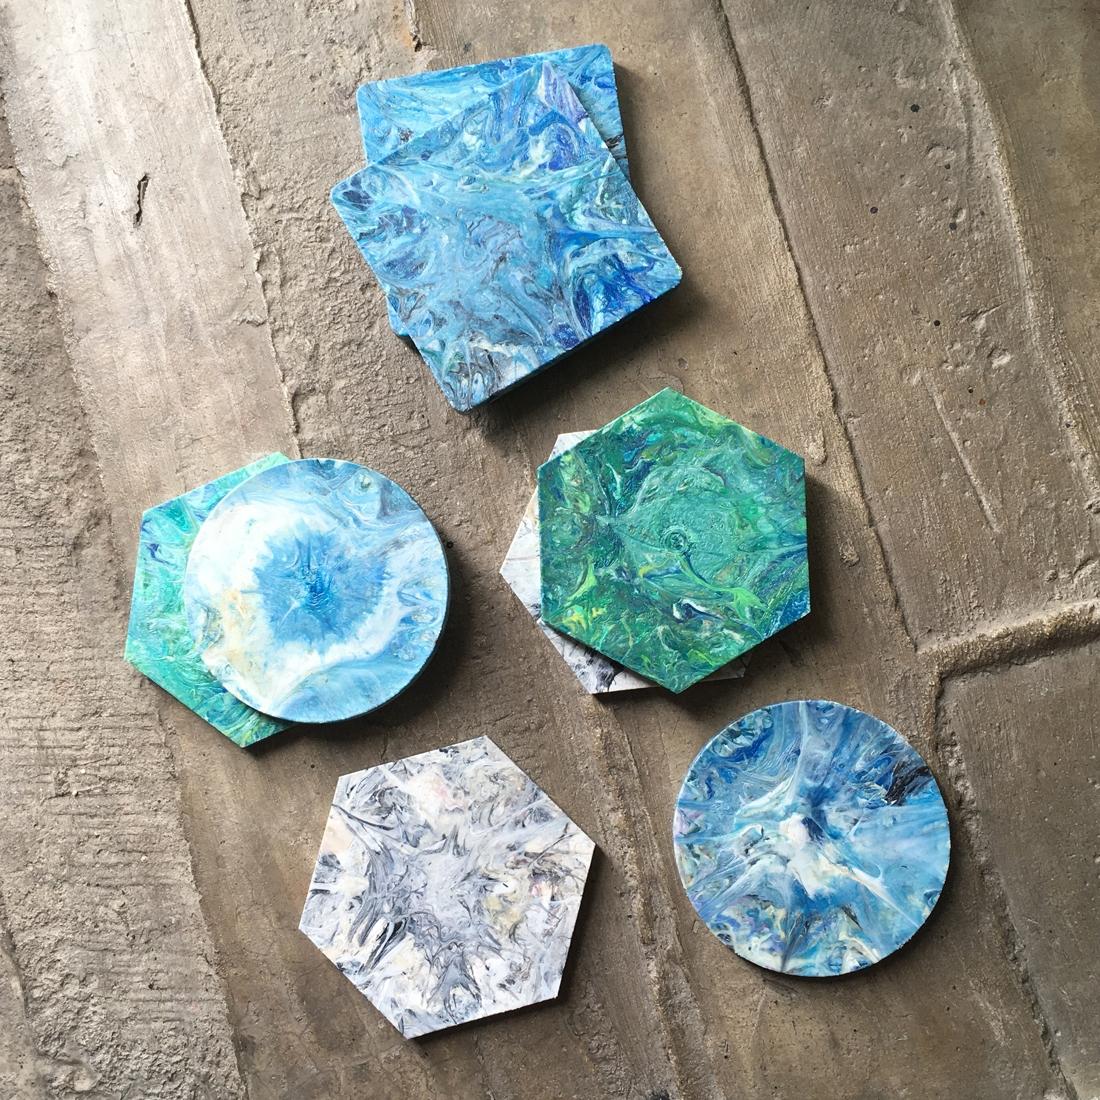 Sous verre en plastique recyclé